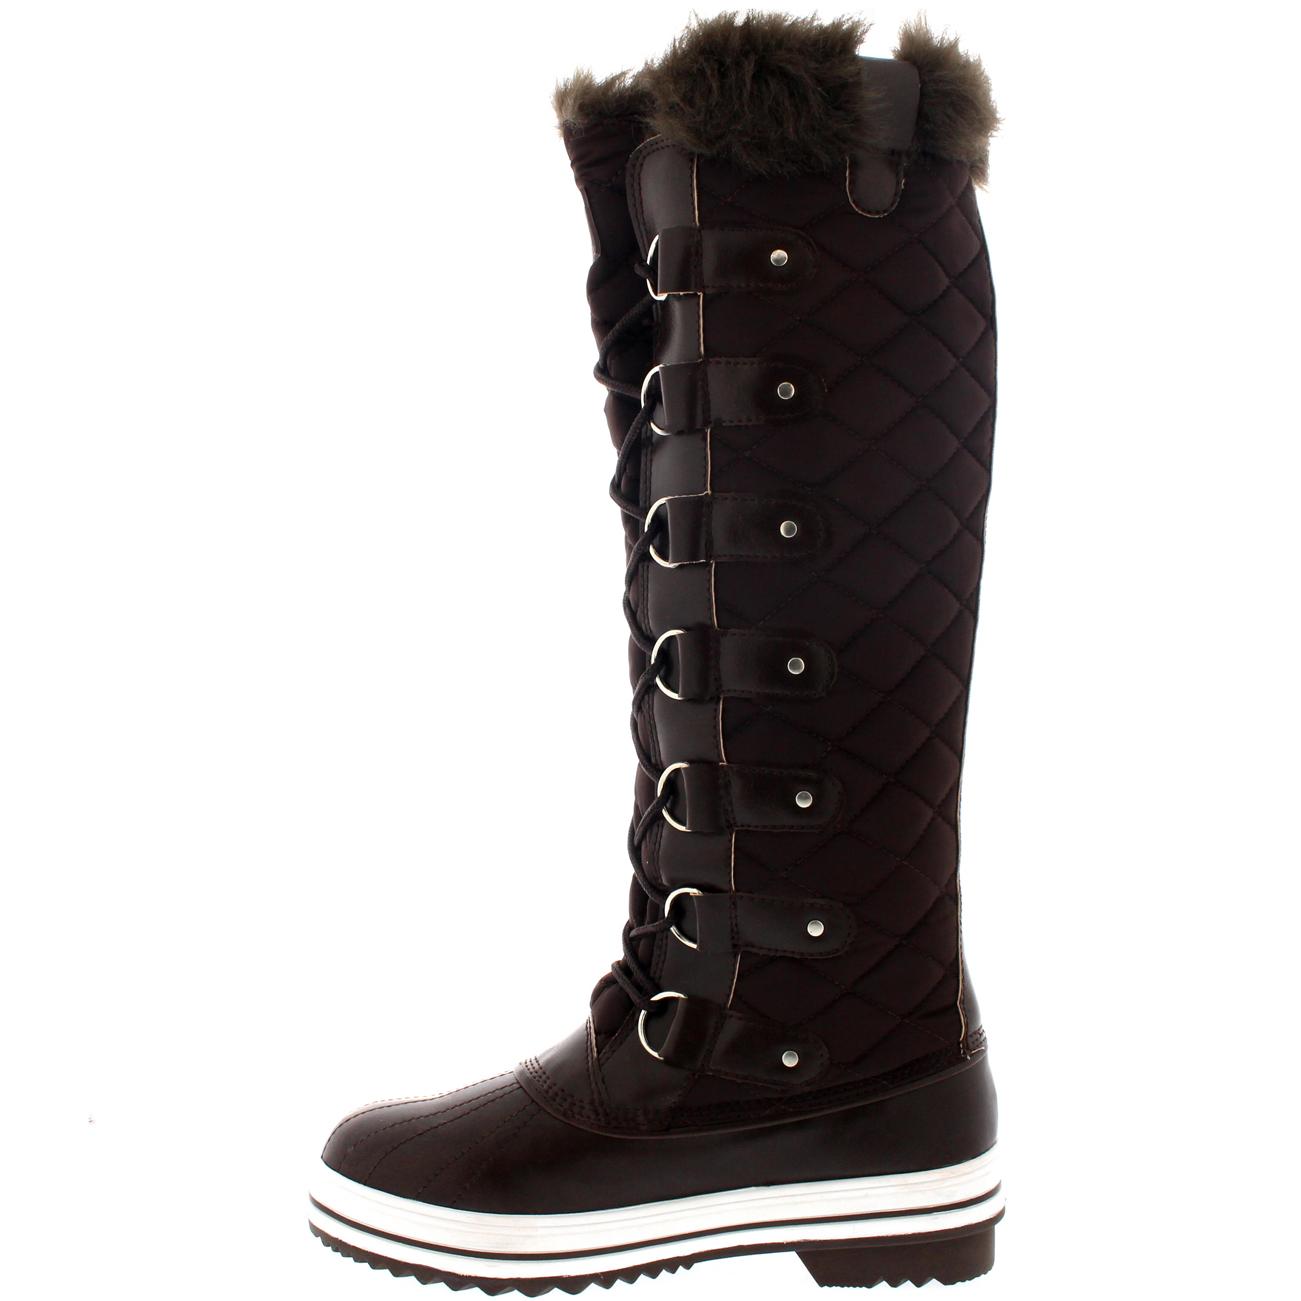 Womens knee high winter boots